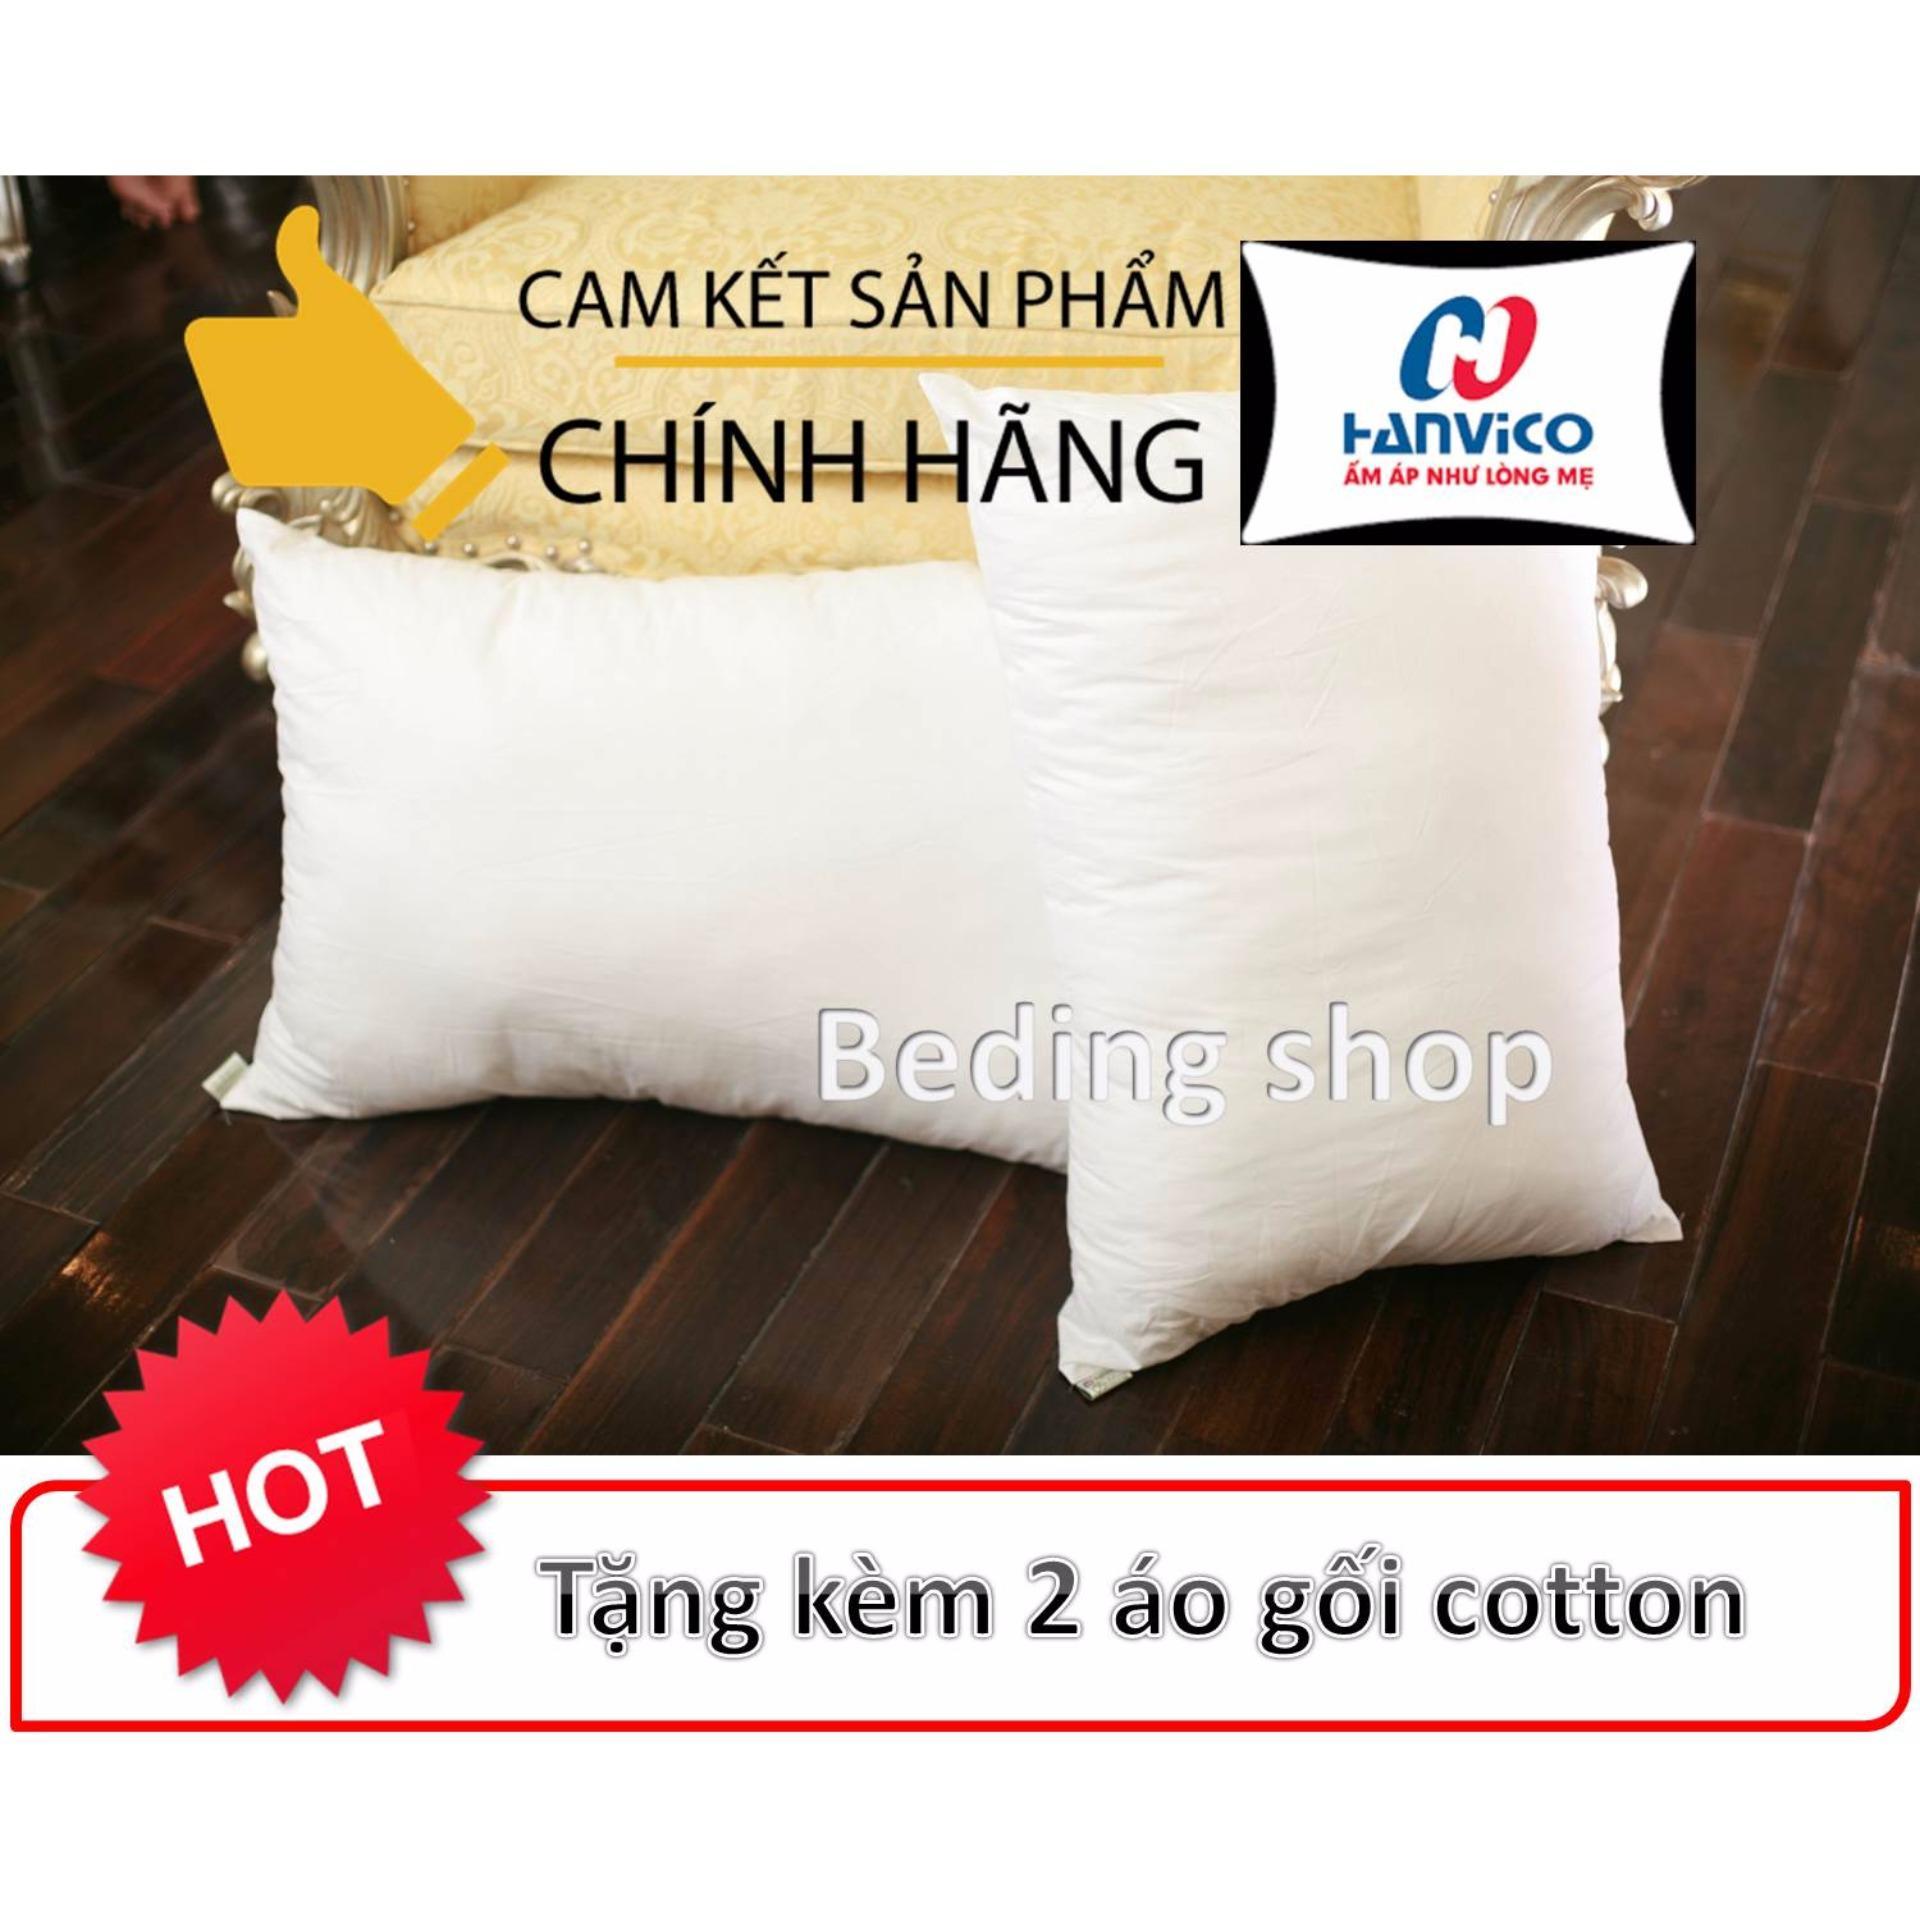 Trang bán 2 Ruột Gối Bông Hạt Hanvico (Tặng kèm 2 áo gối)